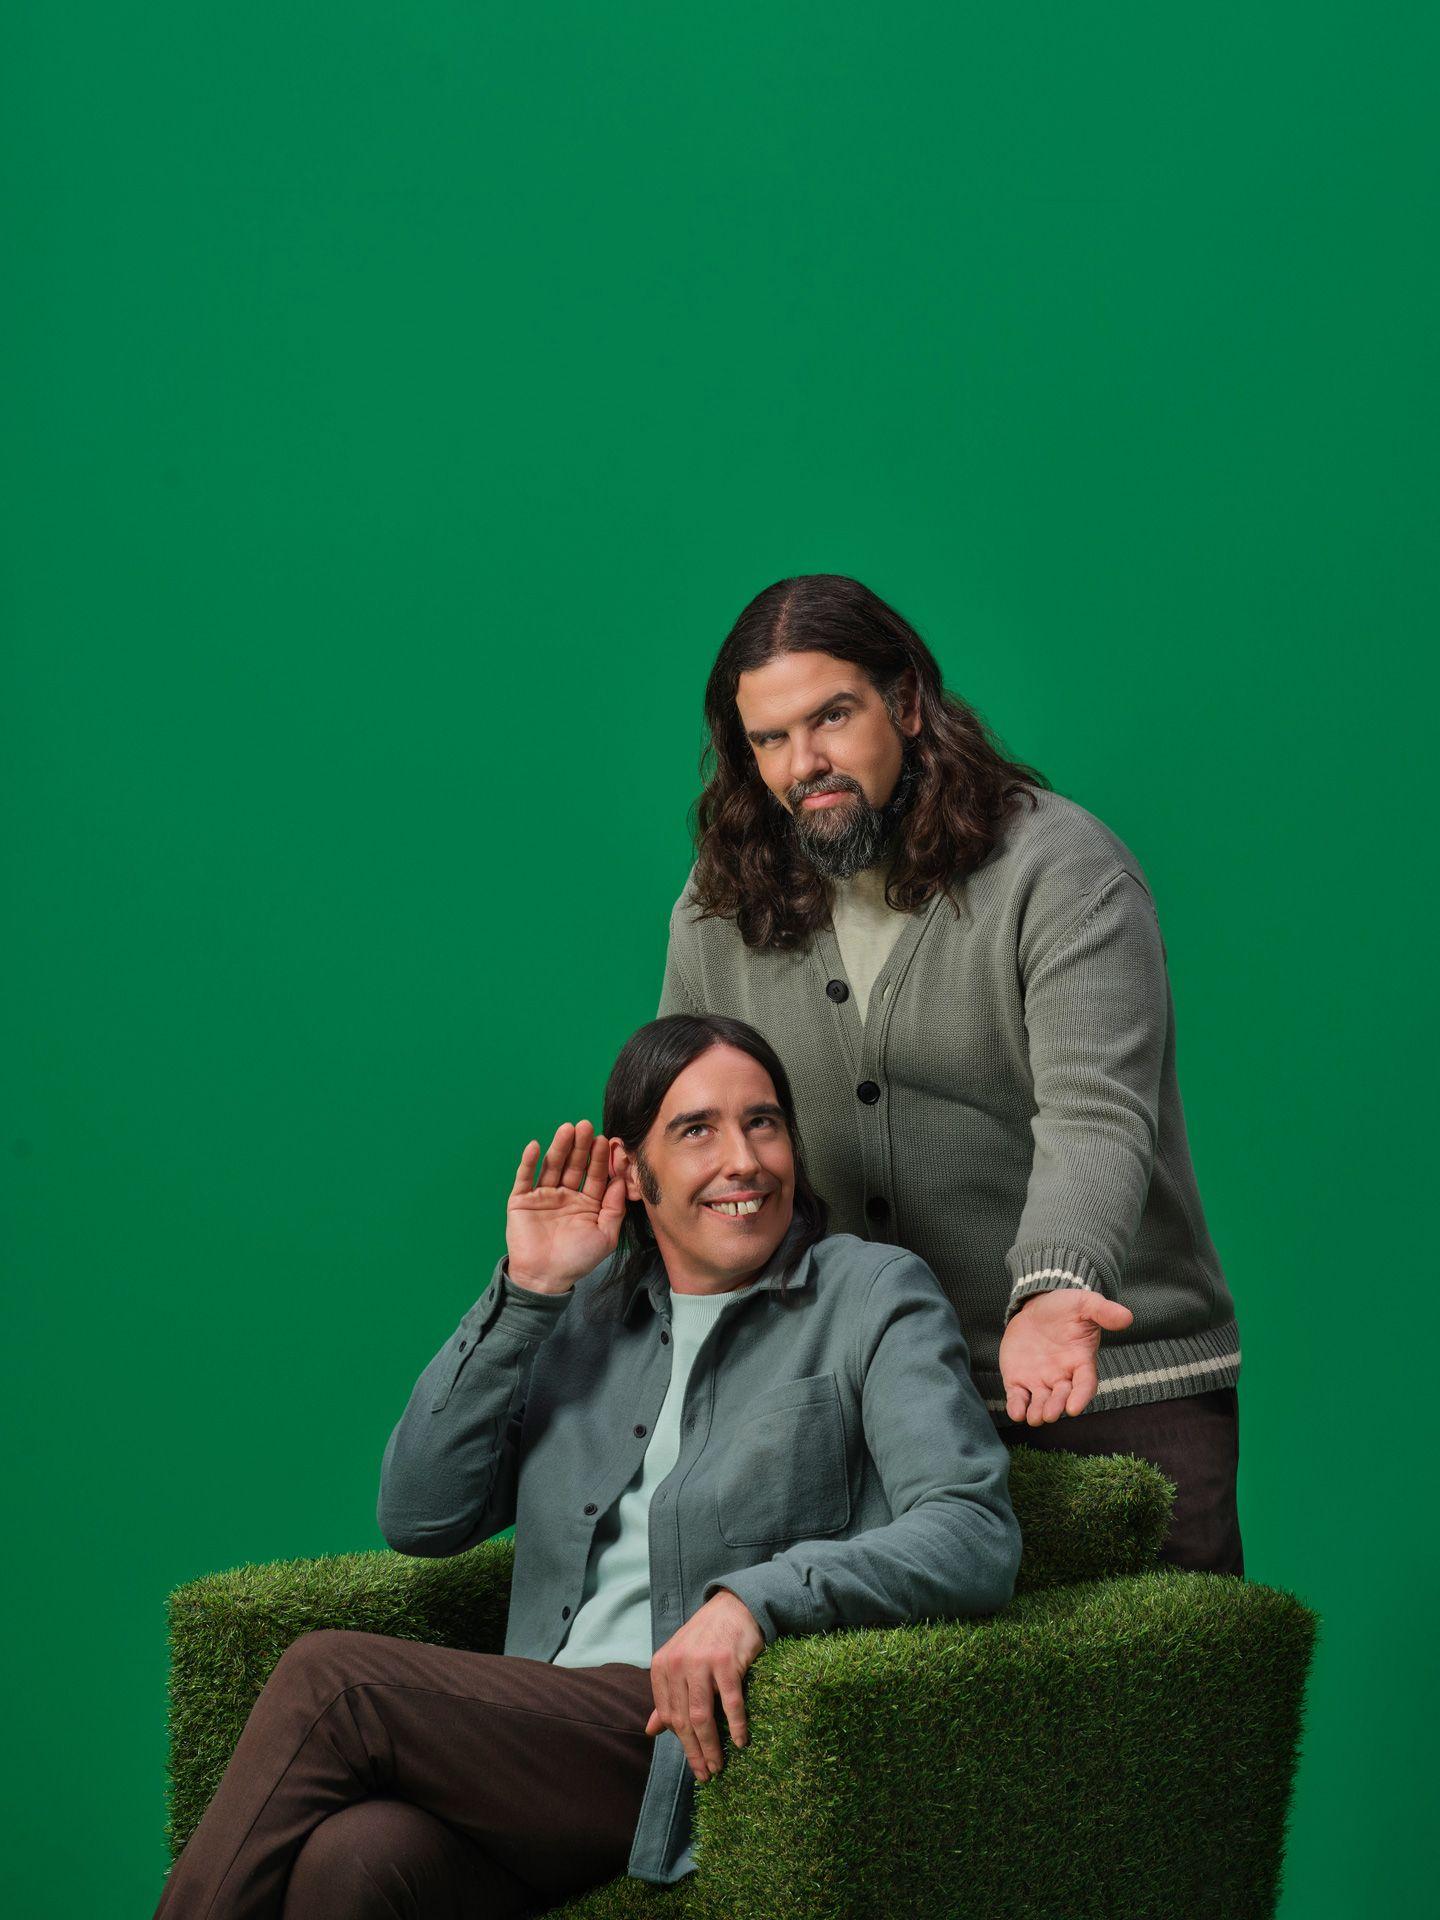 Duo Denis Drolet faisant des grimaces sur un canapé recouvert de fausse herbe et d'un mur vert.